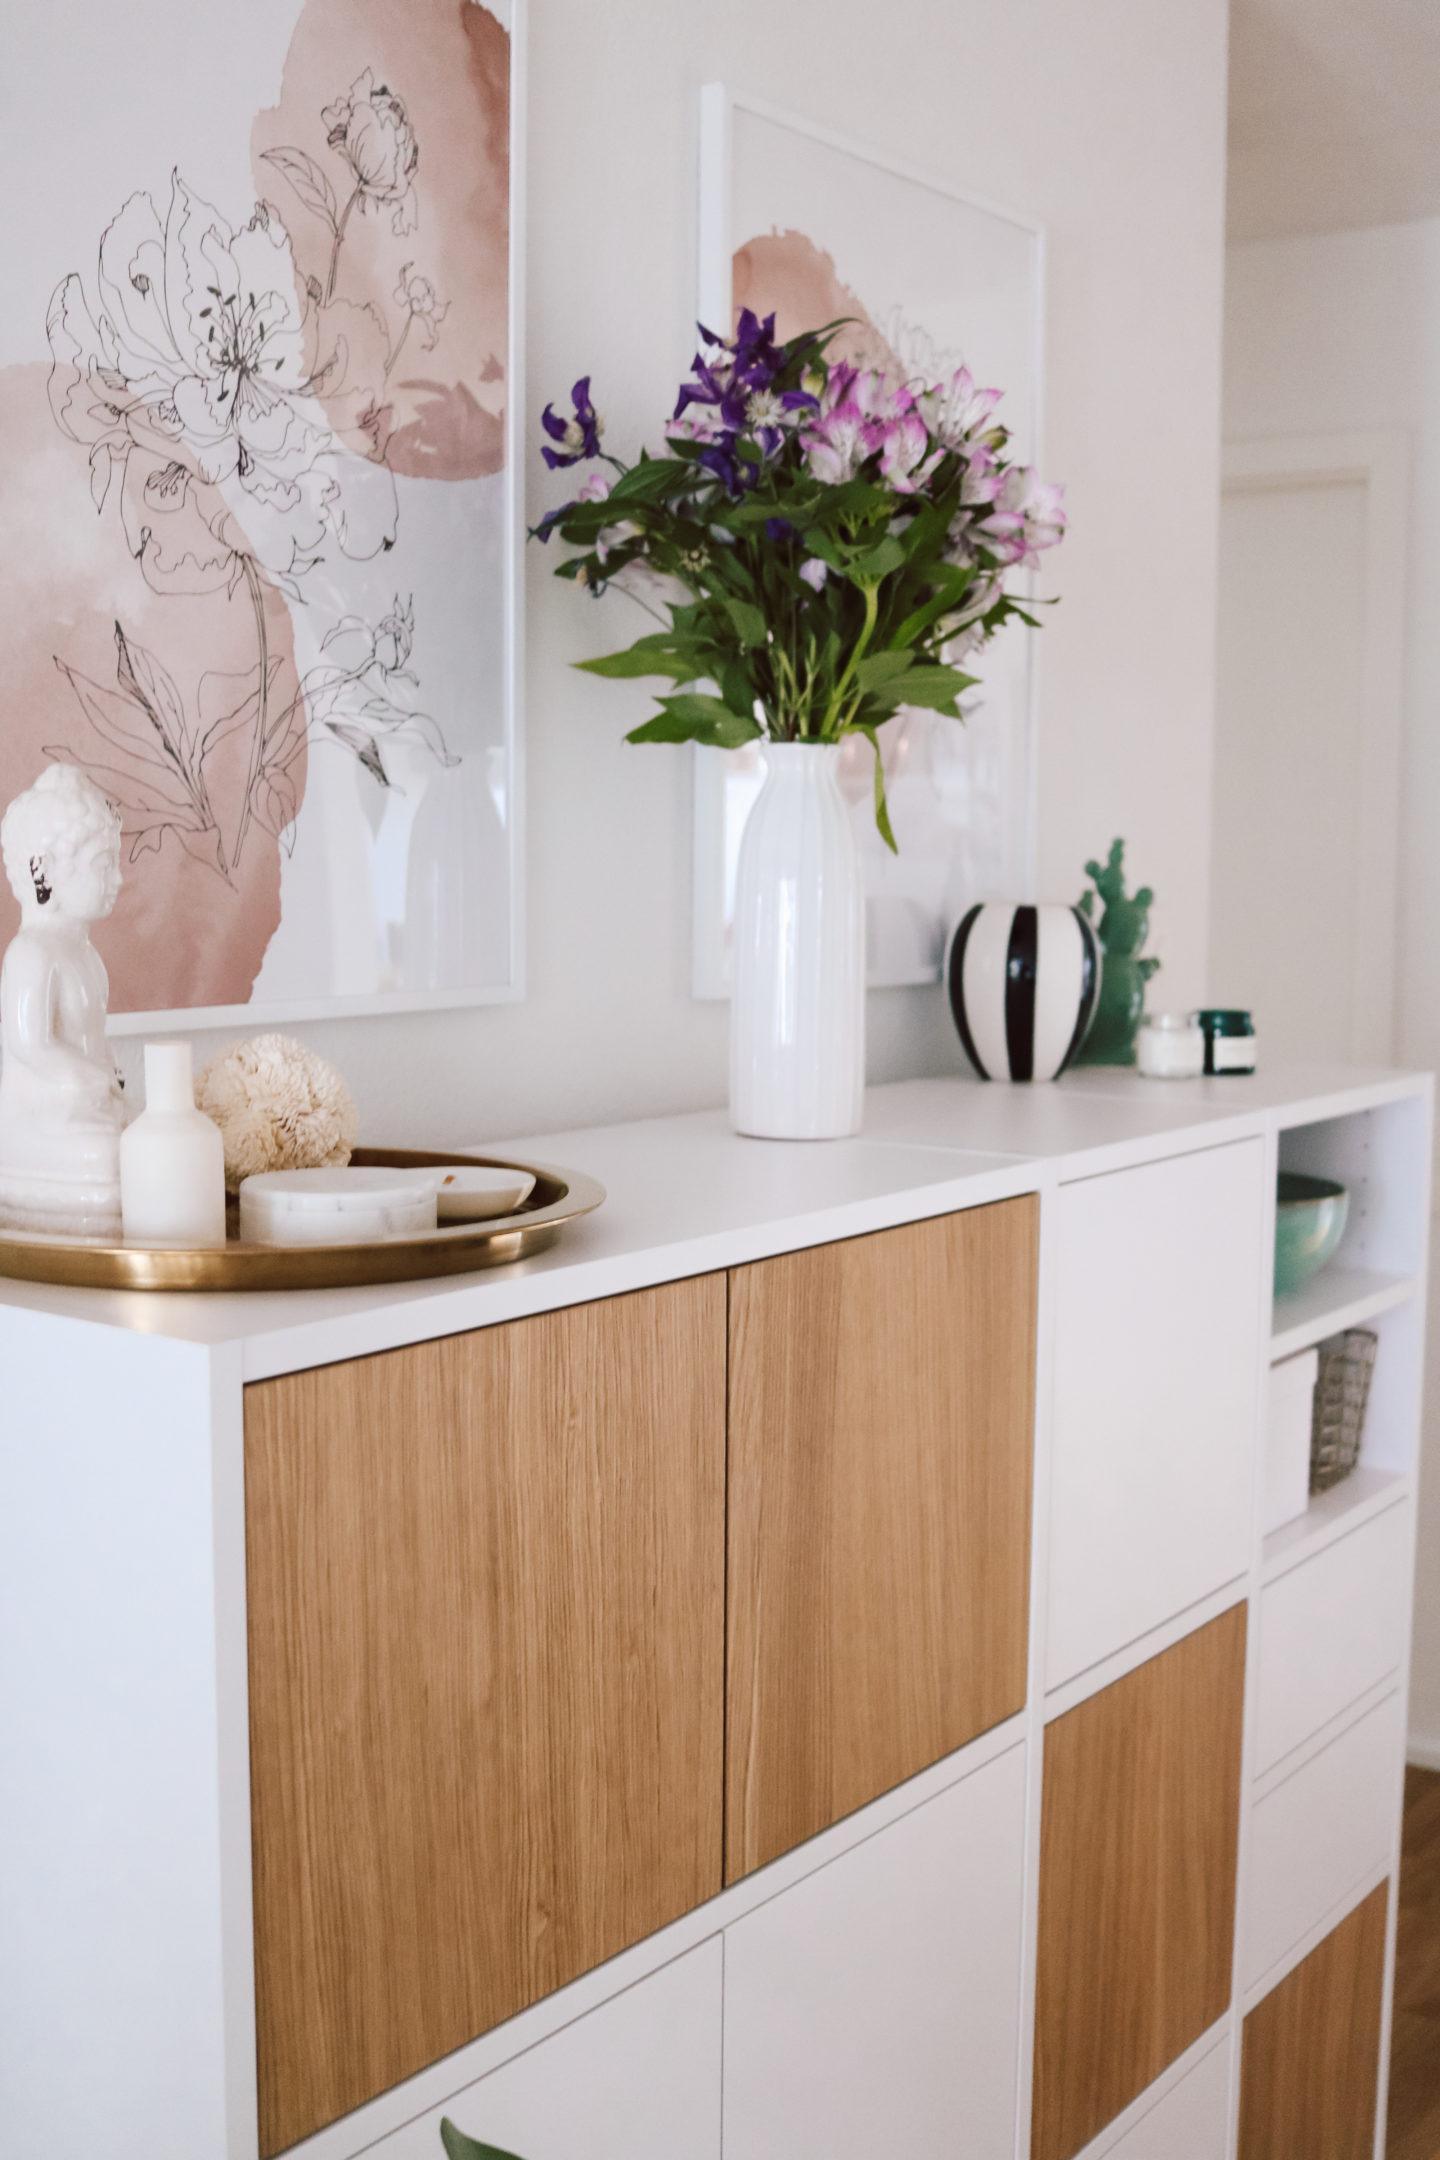 Full Size of Deko Sideboard Schlafzimmer Wohnzimmer Dekoration Badezimmer Küche Mit Arbeitsplatte Wanddeko Für Wohnzimmer Deko Sideboard